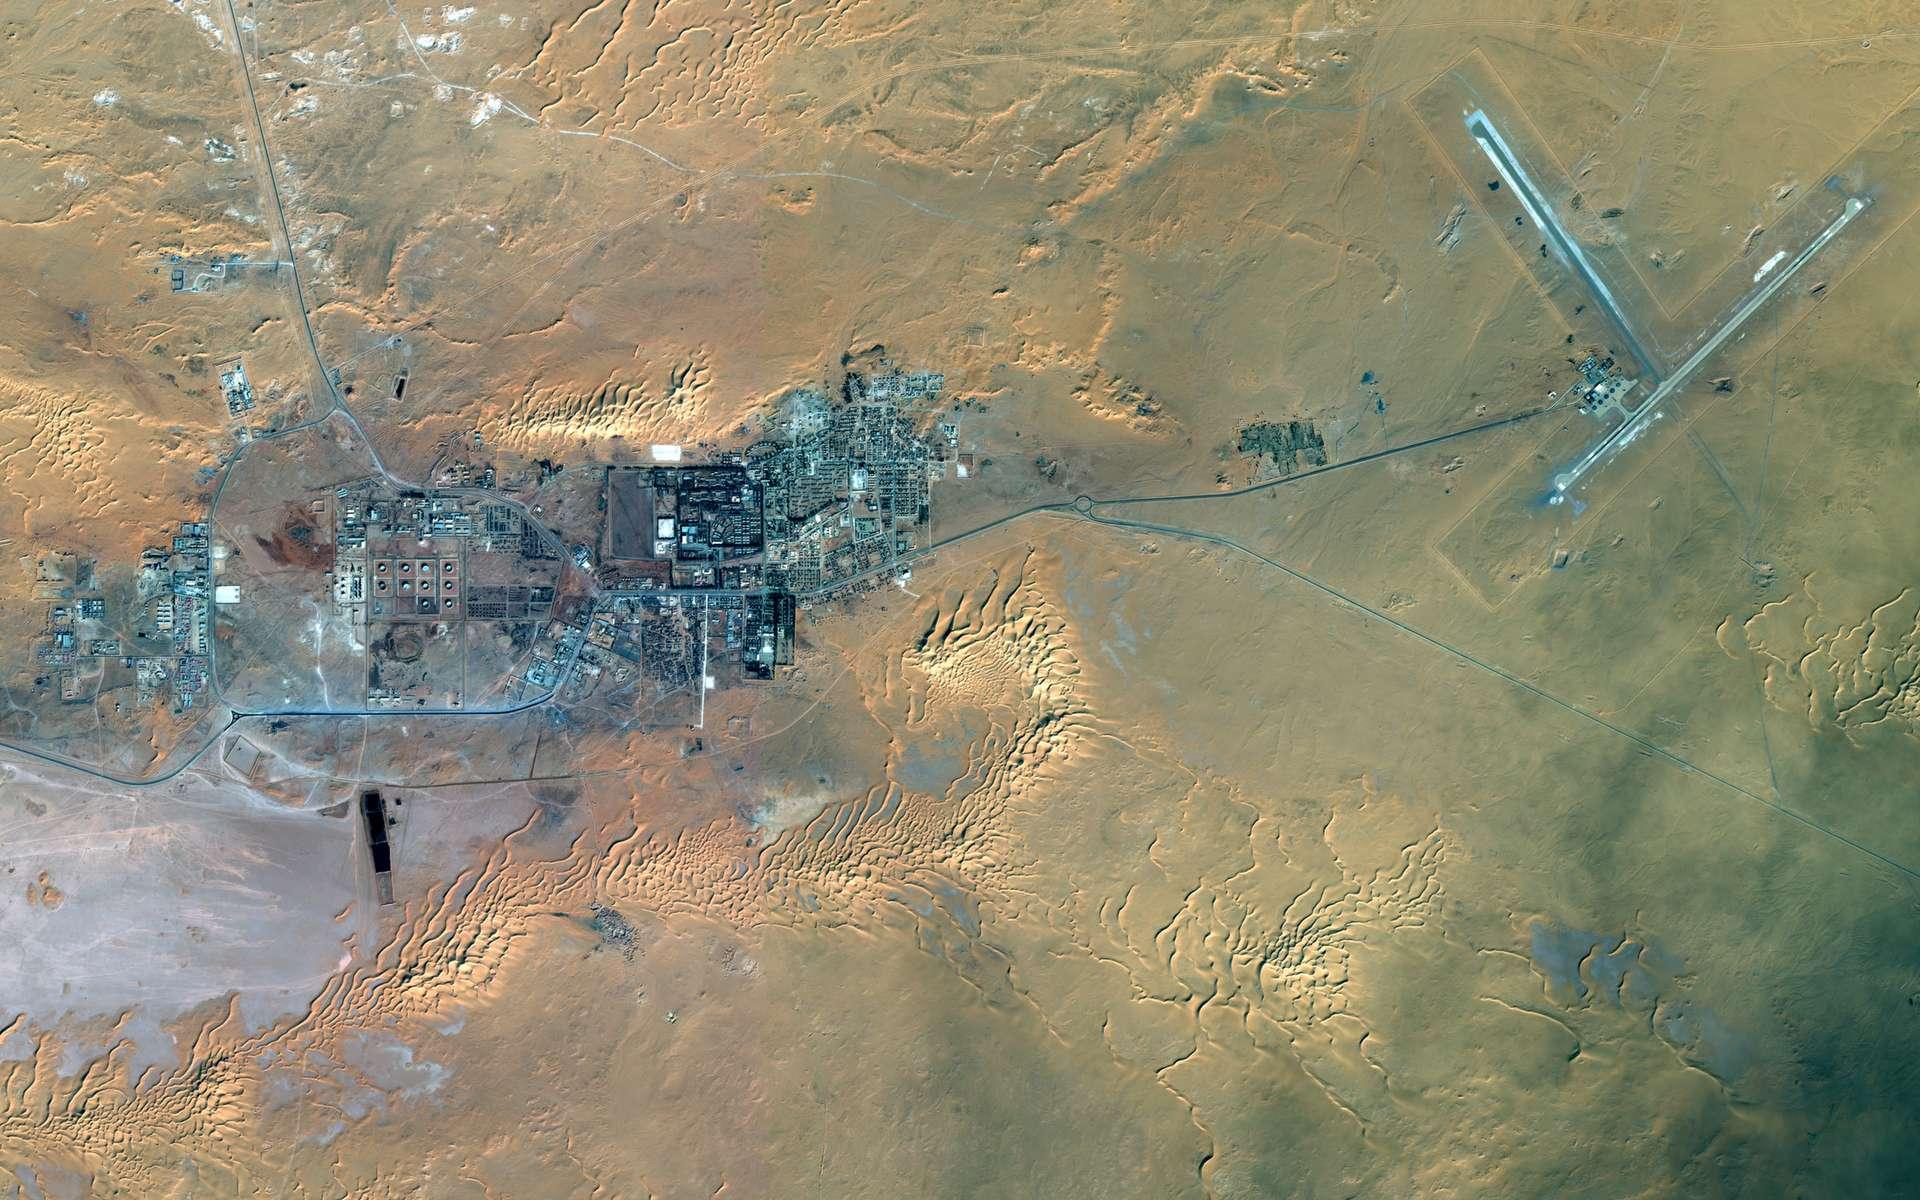 Image satellite acquise le 8 janvier 2013 par le satellite Spot 6, construit et opéré par Astrium, montrant le site gazier d'In Amenas en Algérie, où une prise d'otages a débuté le 16 janvier dernier. © Astrium Services 2013